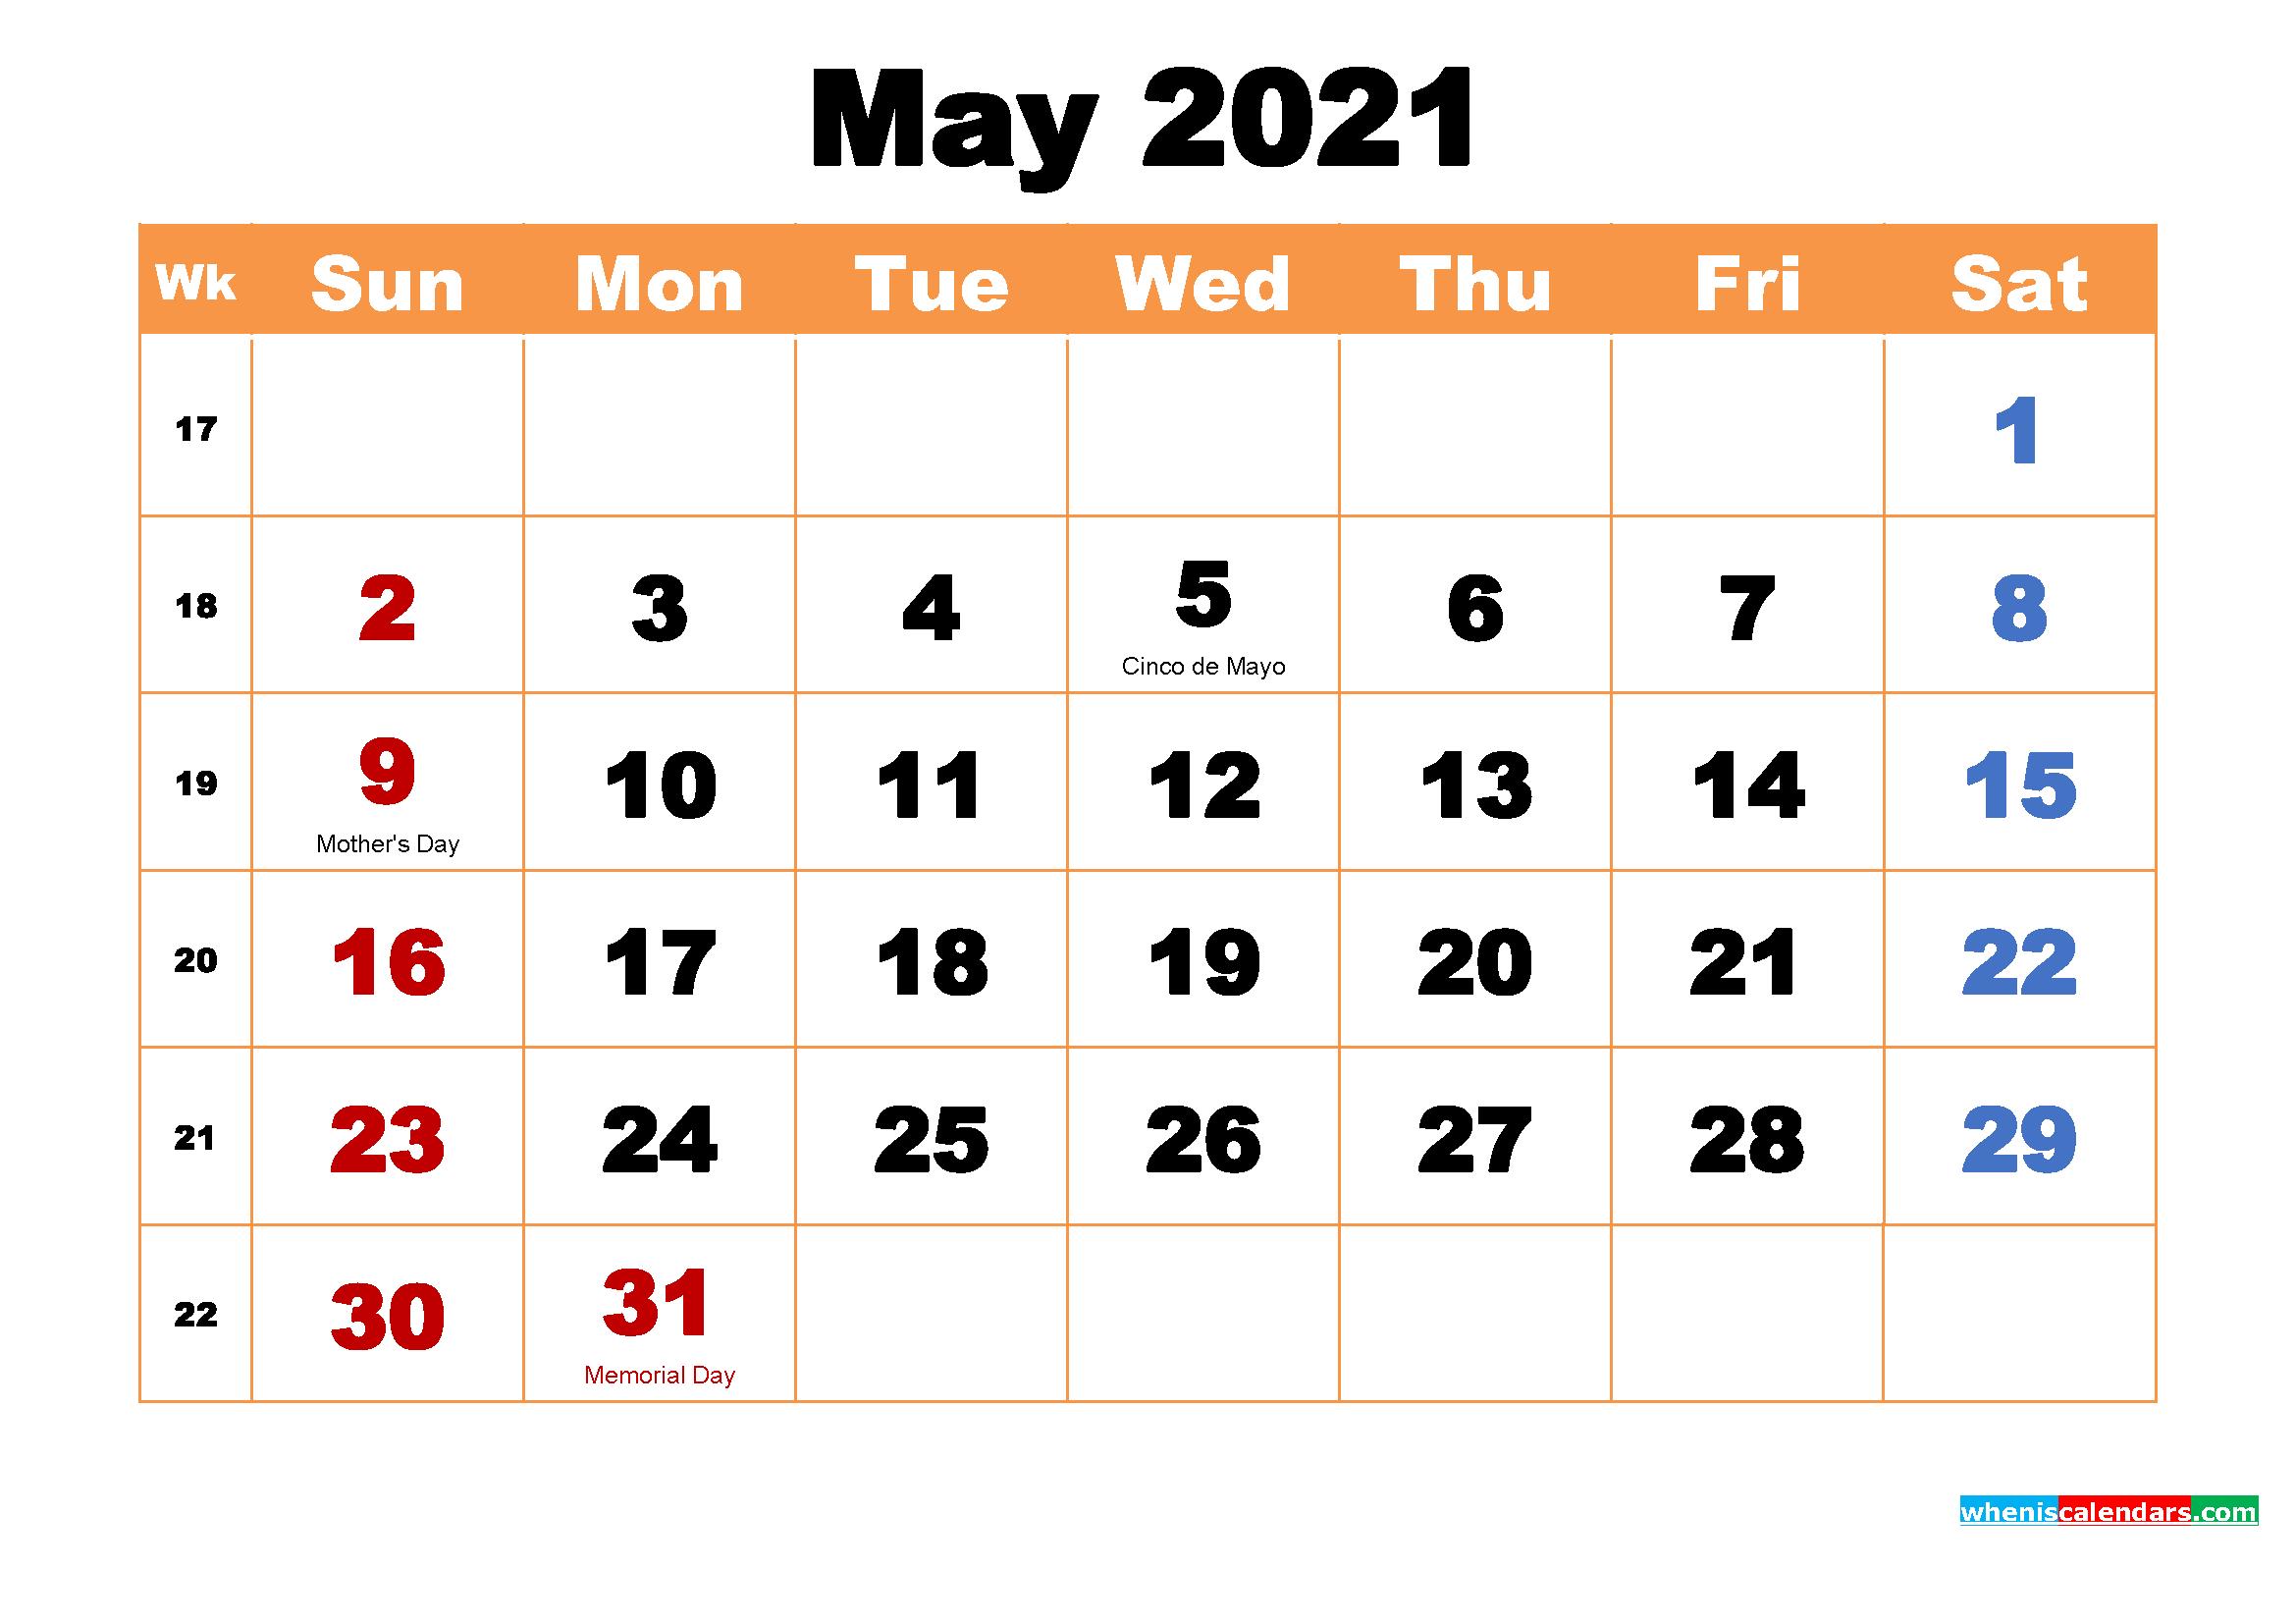 May 2021 Desktop Calendar Free Download